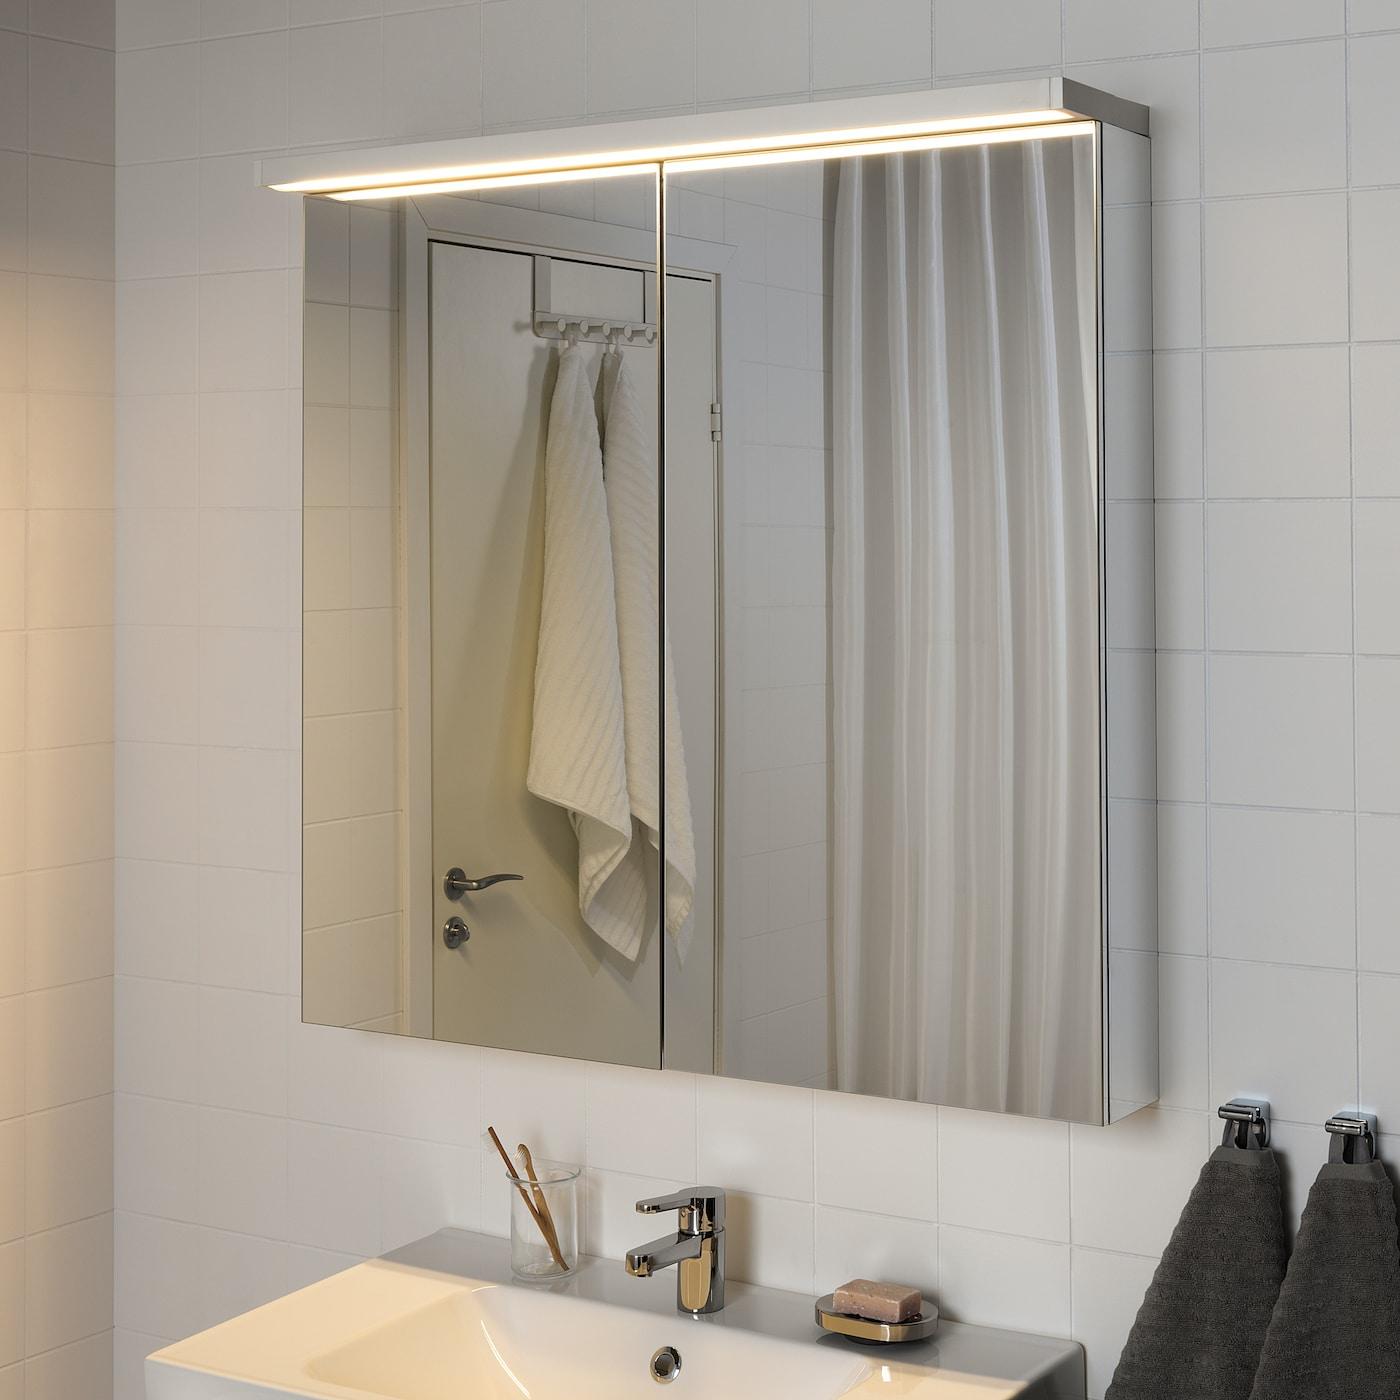 Design Lampe Salle De Bains Ikea